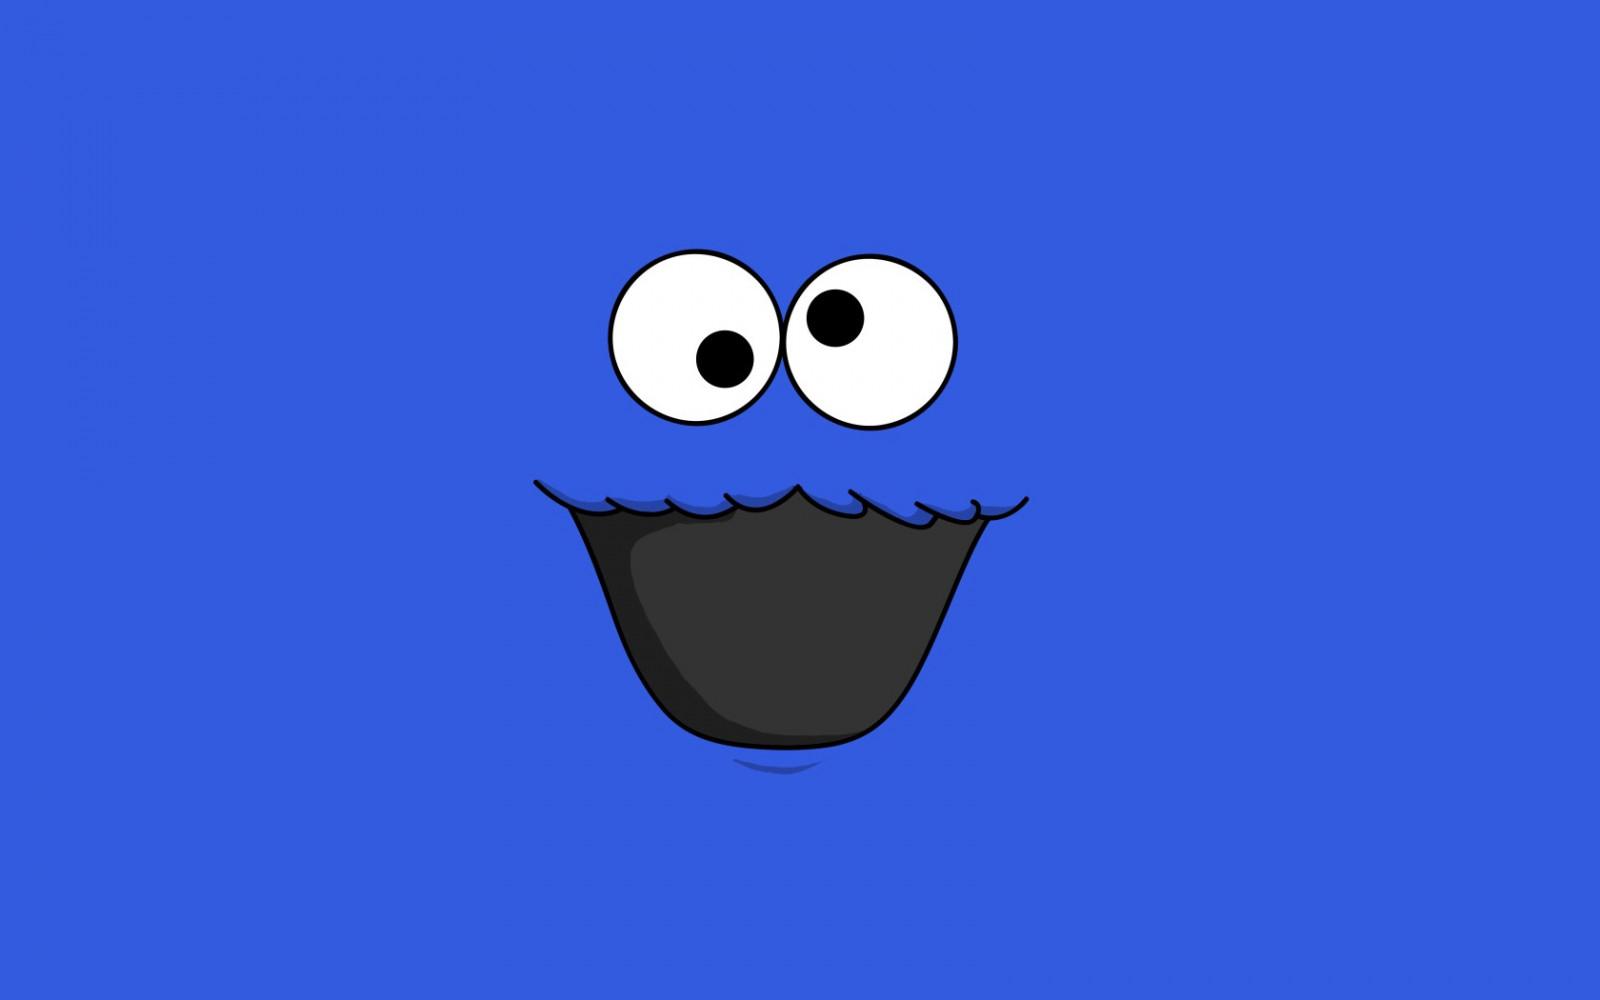 Fondos De Pantalla De Galletas: Fondos De Pantalla : Ilustración, Minimalismo, Fondo Azul